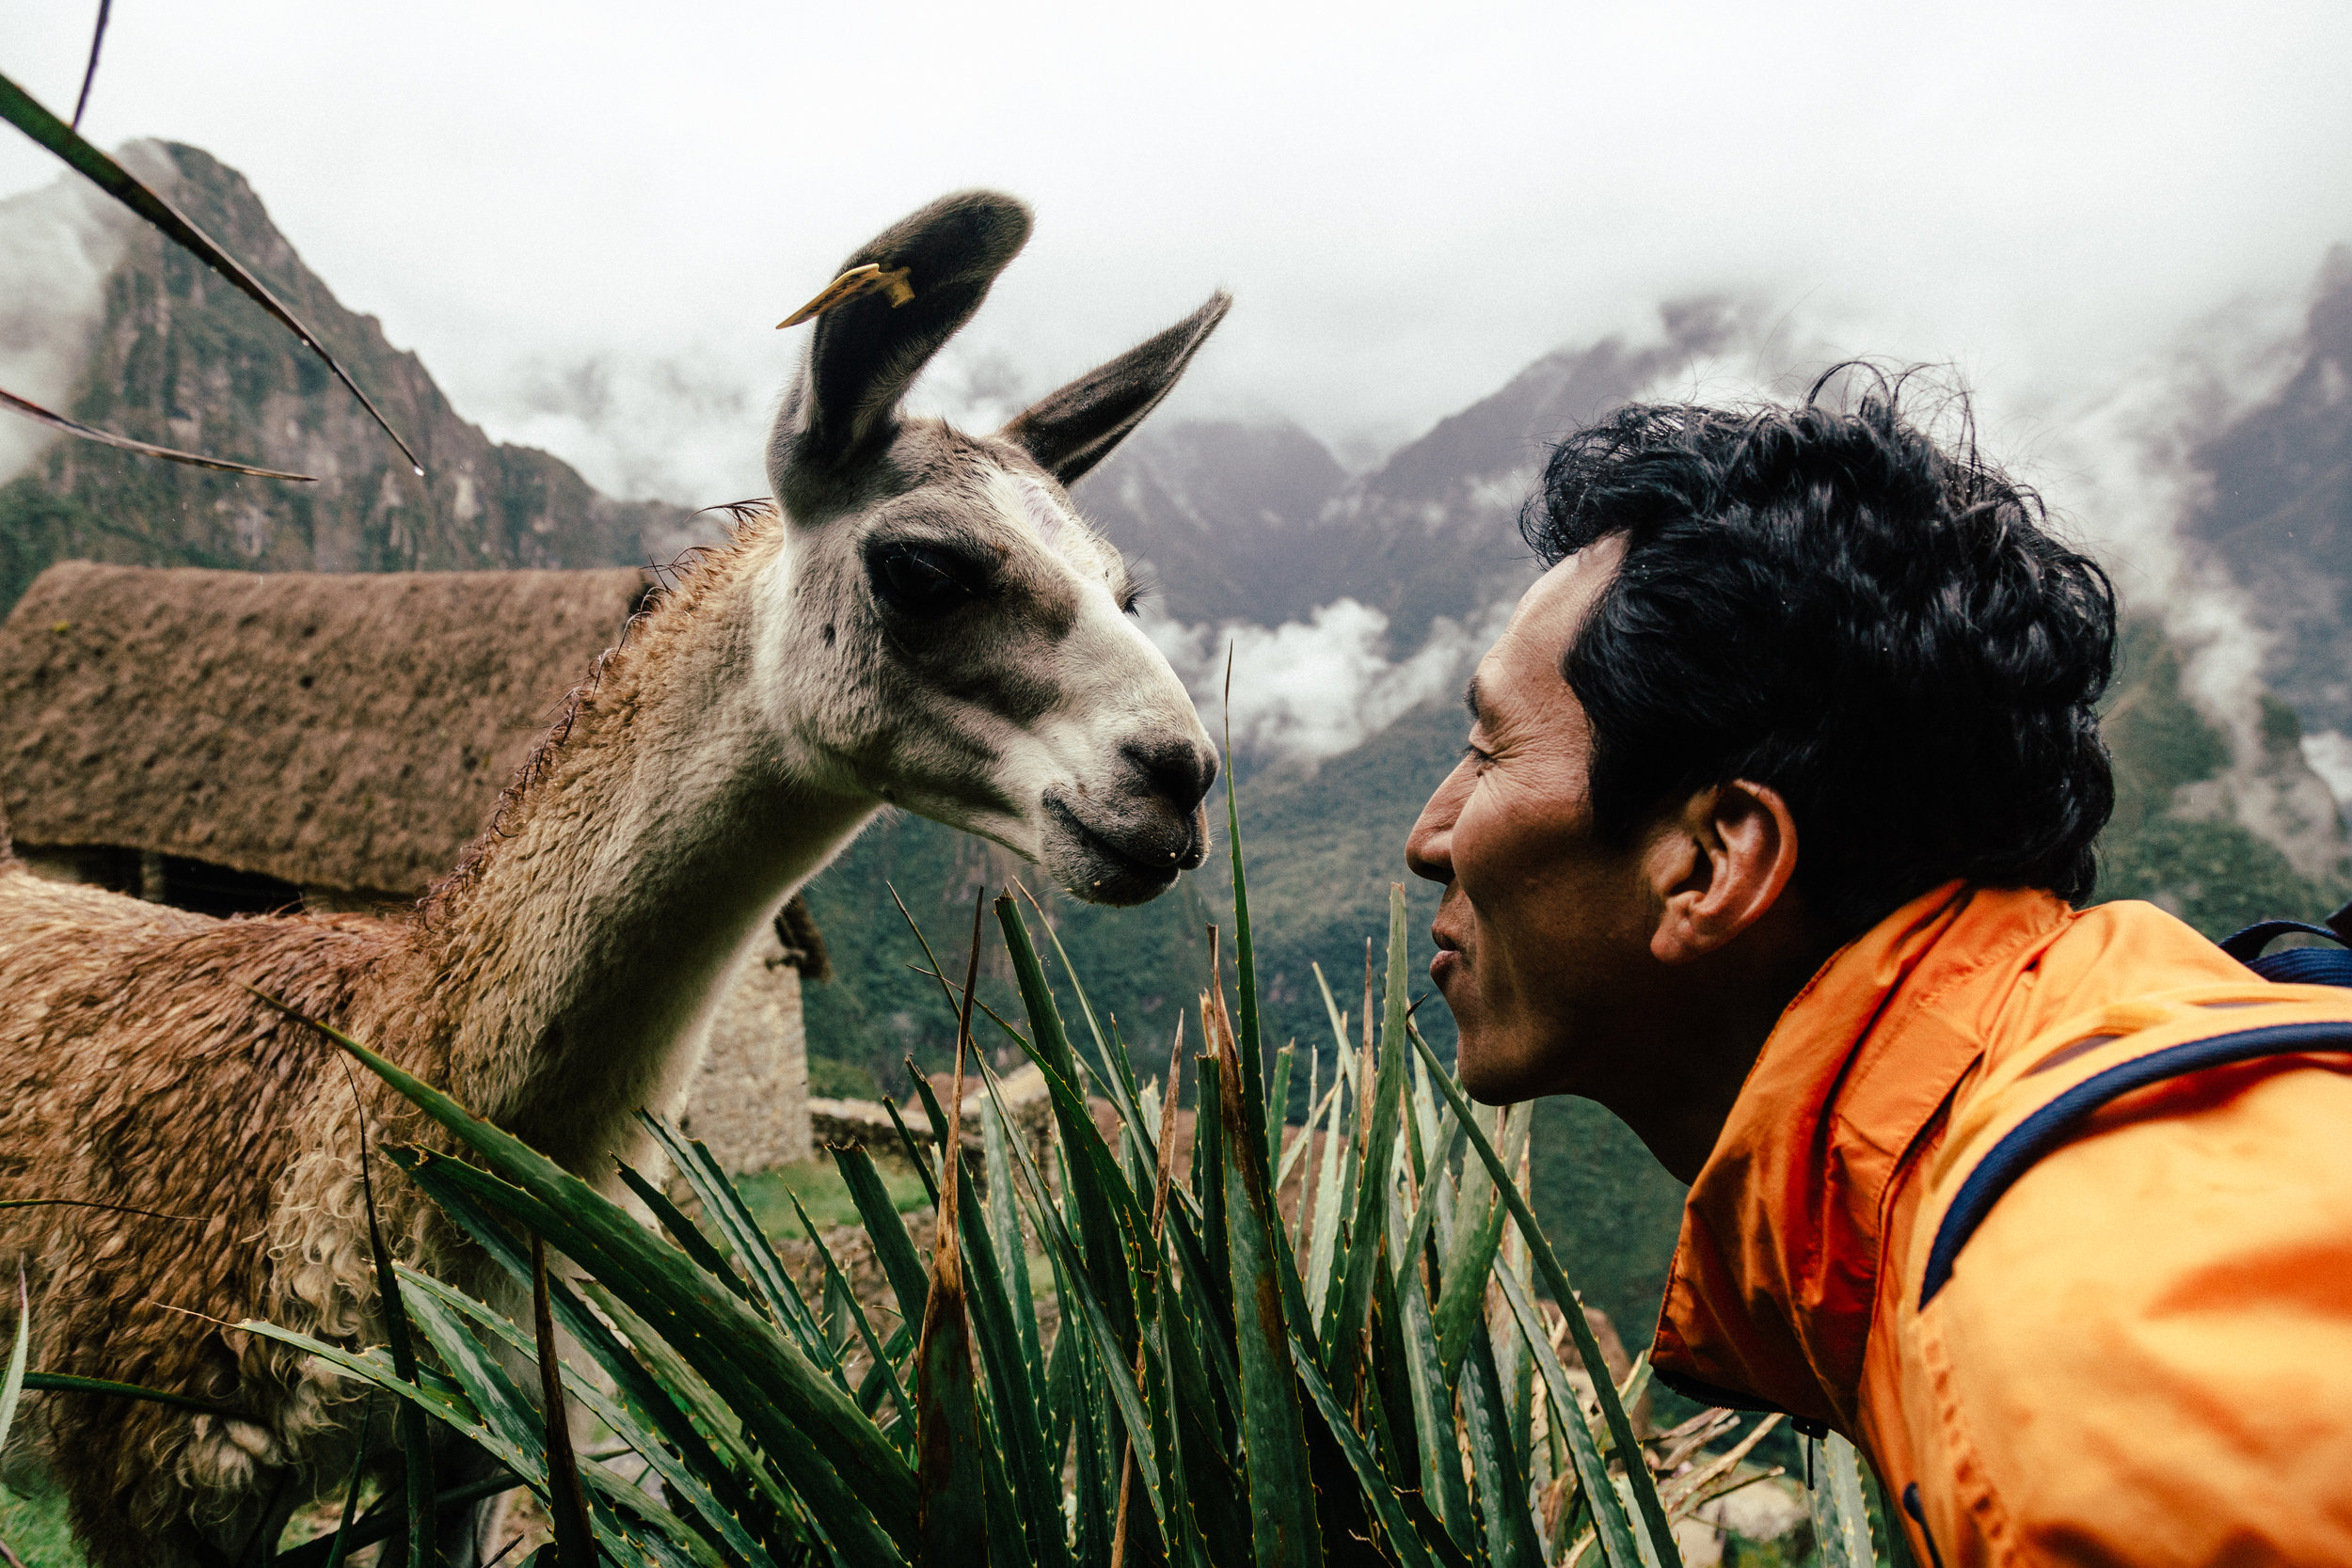 Kissing a Llama in Machu Picchu, Peru